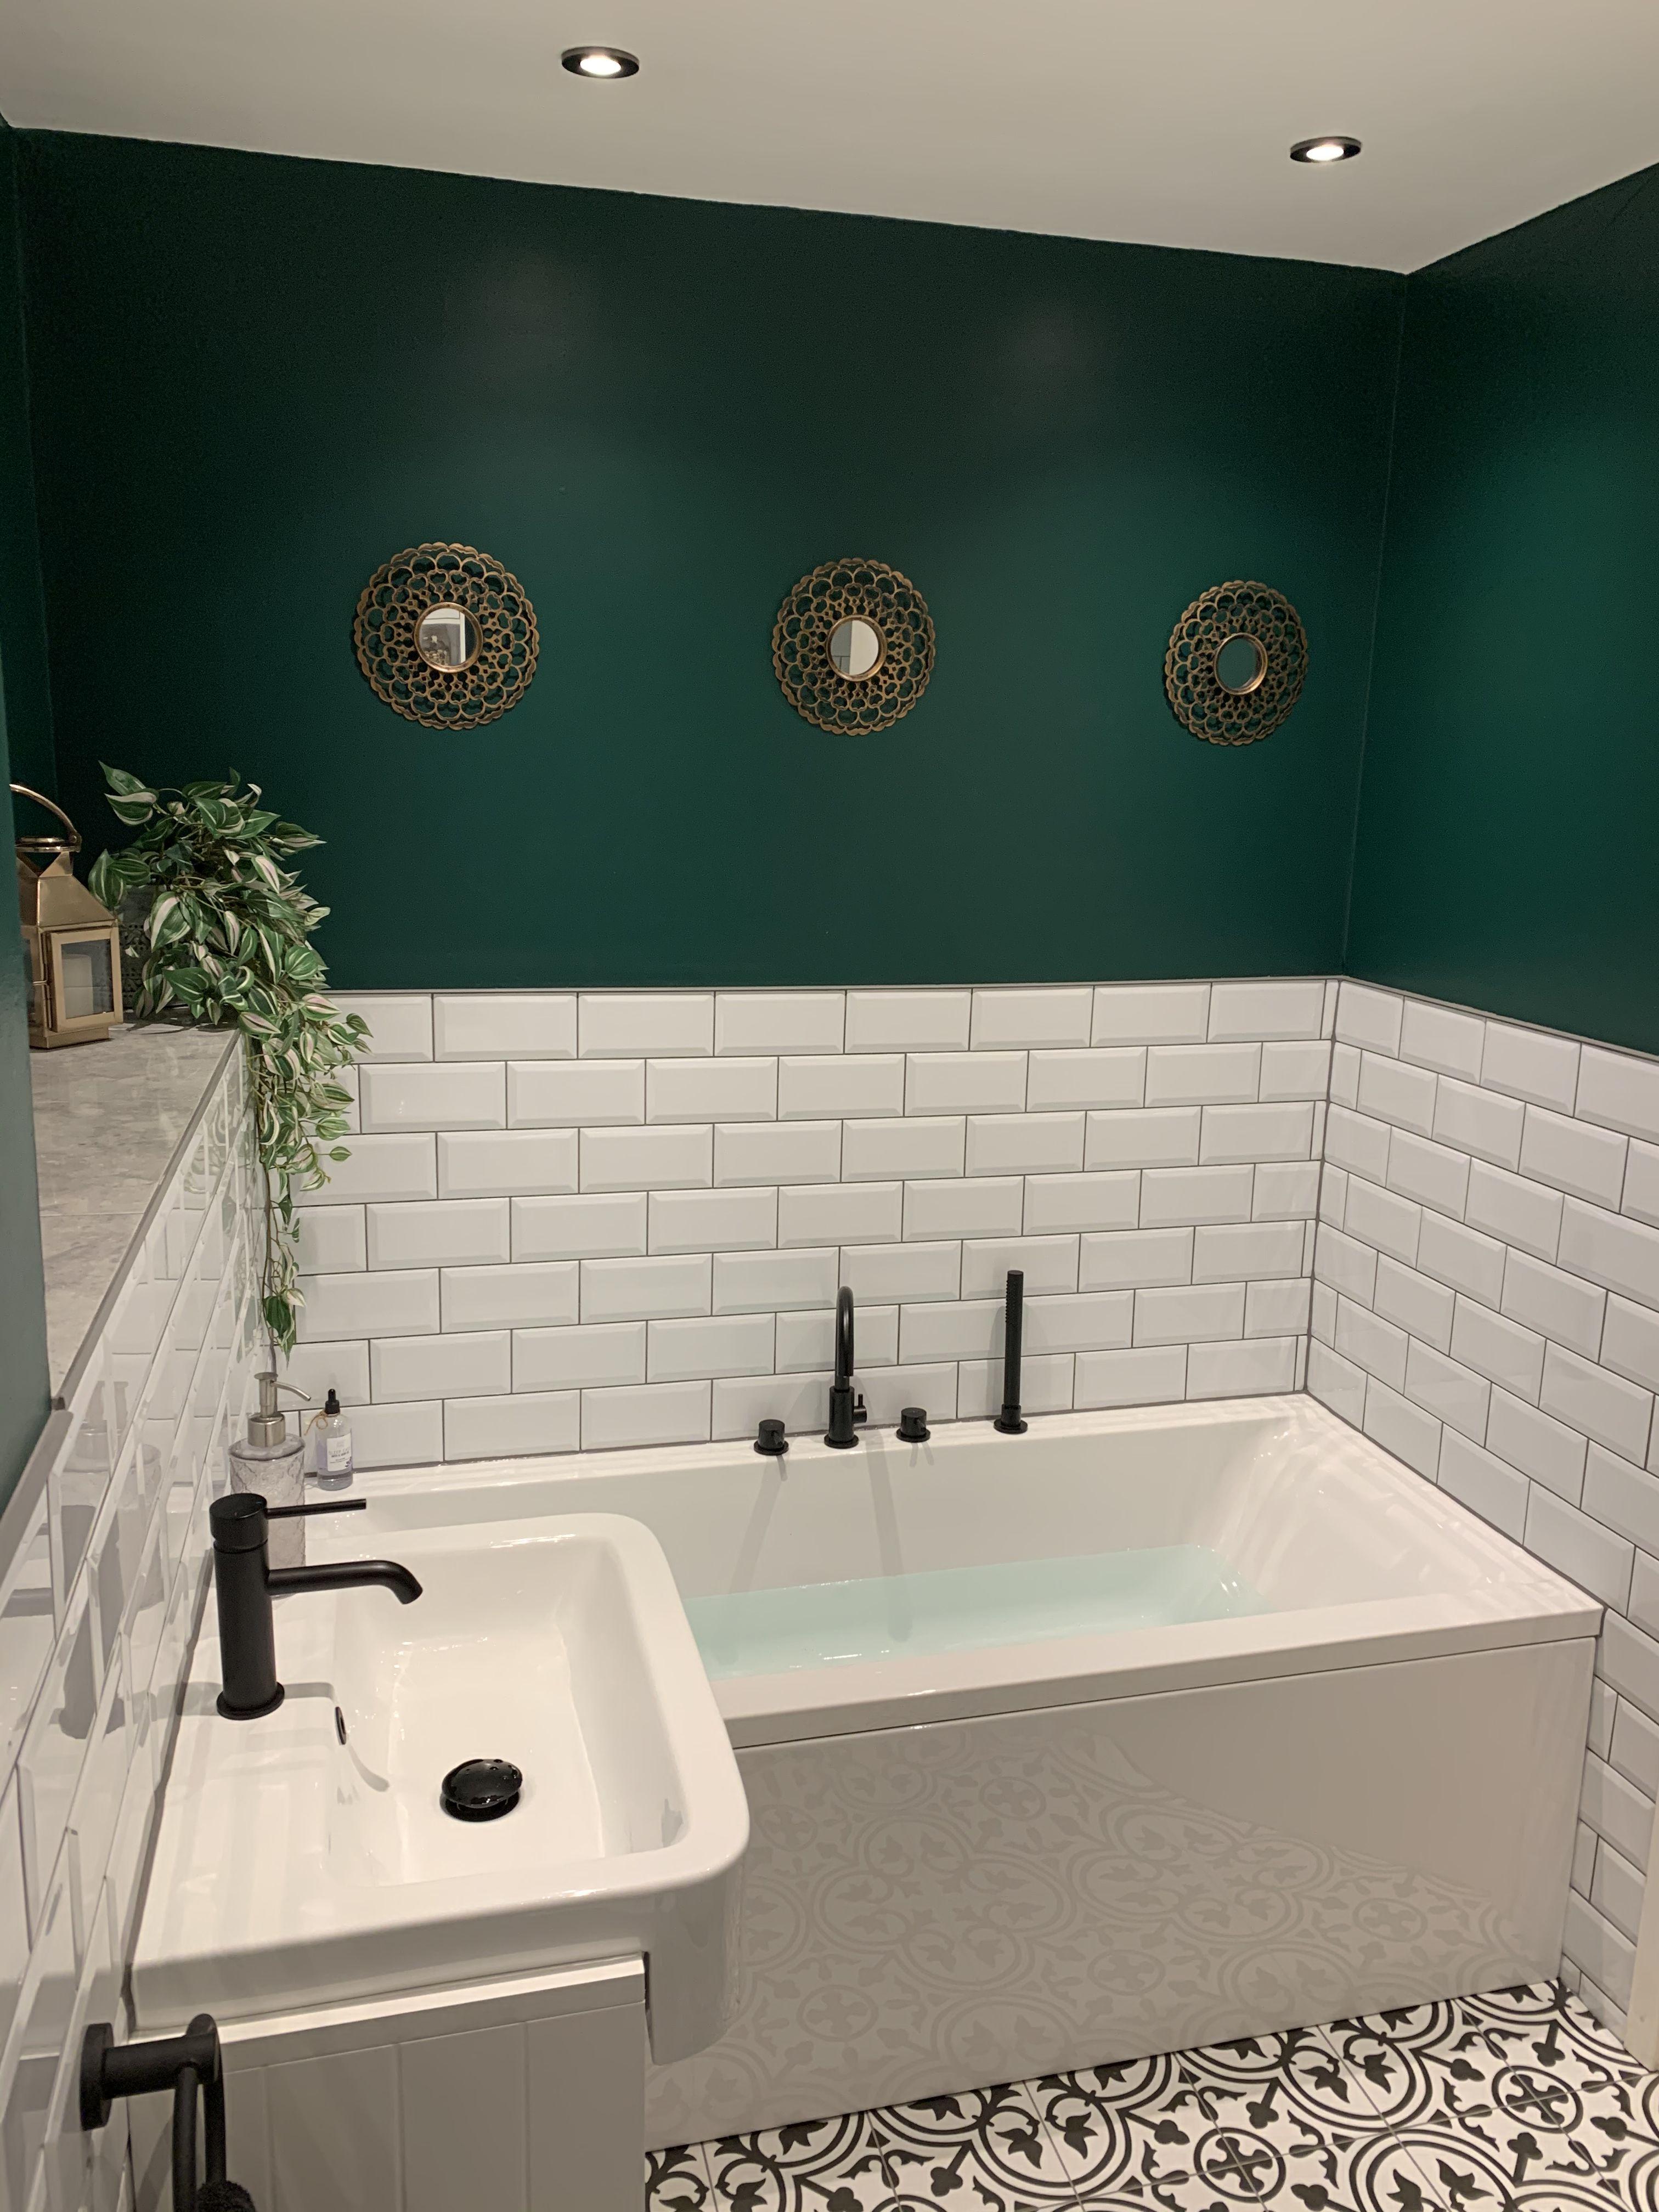 Metro Tiles Dark Green Bathroom Victorian Tiles Matt Black Taps